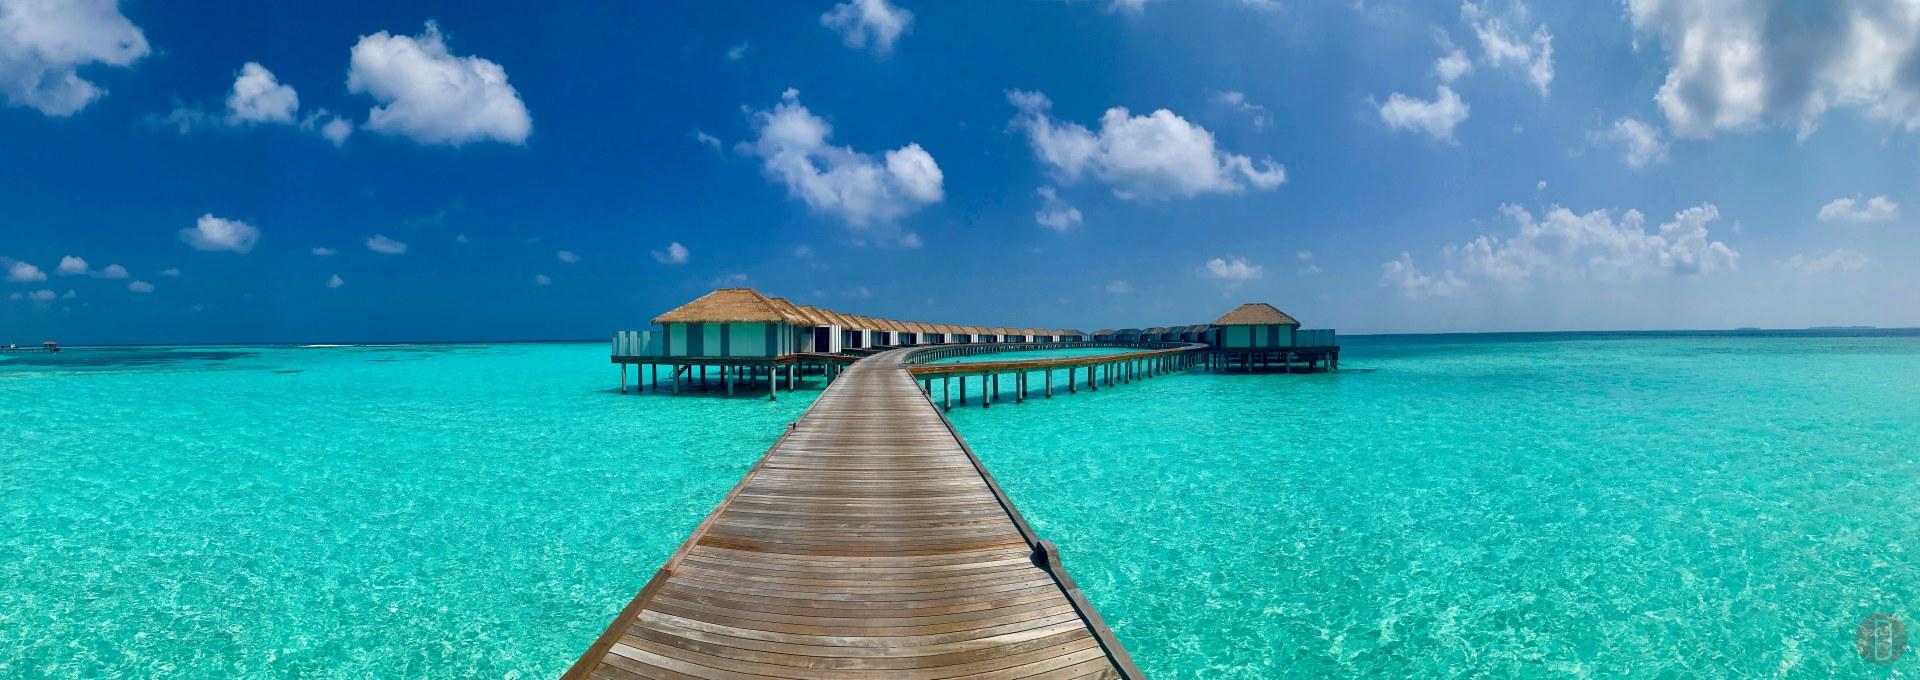 Noku Maldives Water Villas